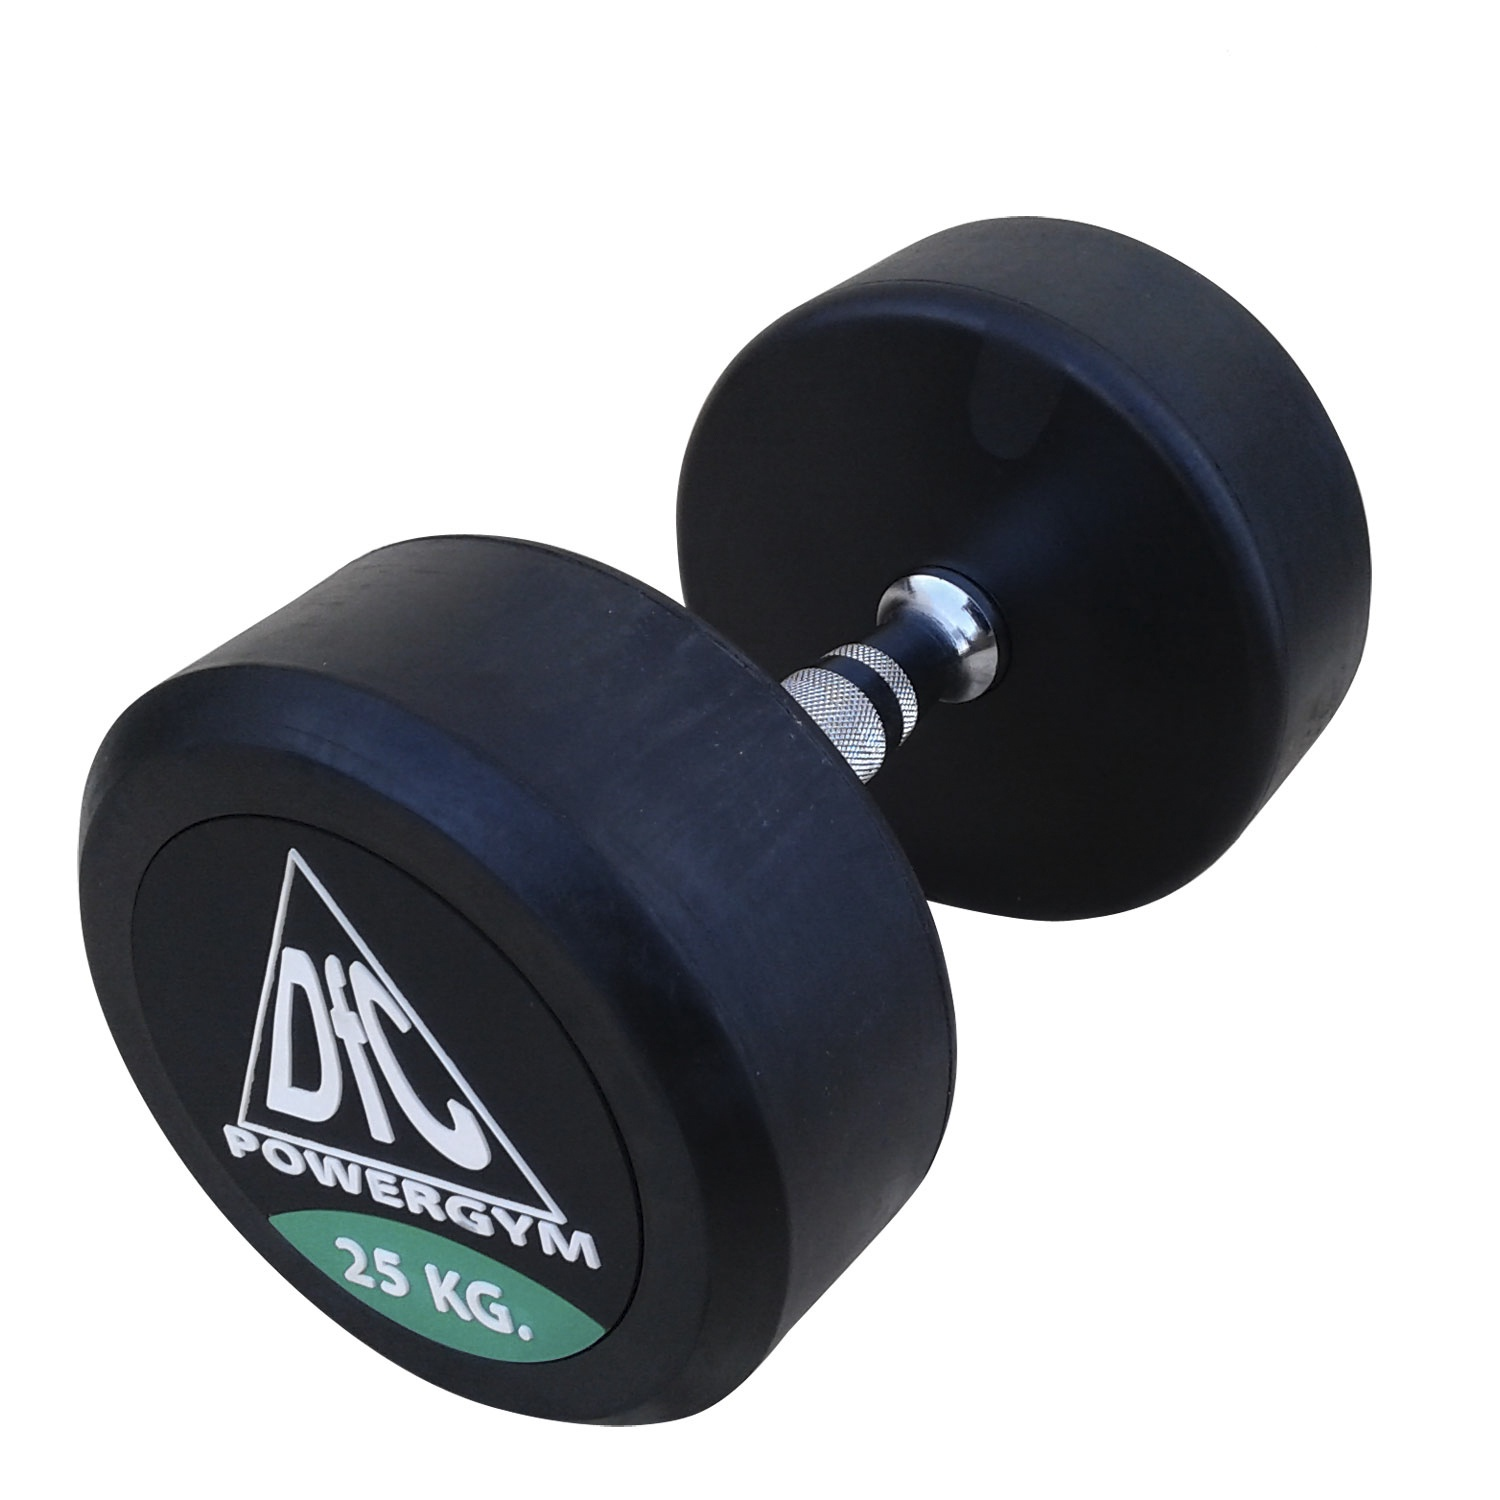 Гантели DFC POWERGYM DB002-25, черный